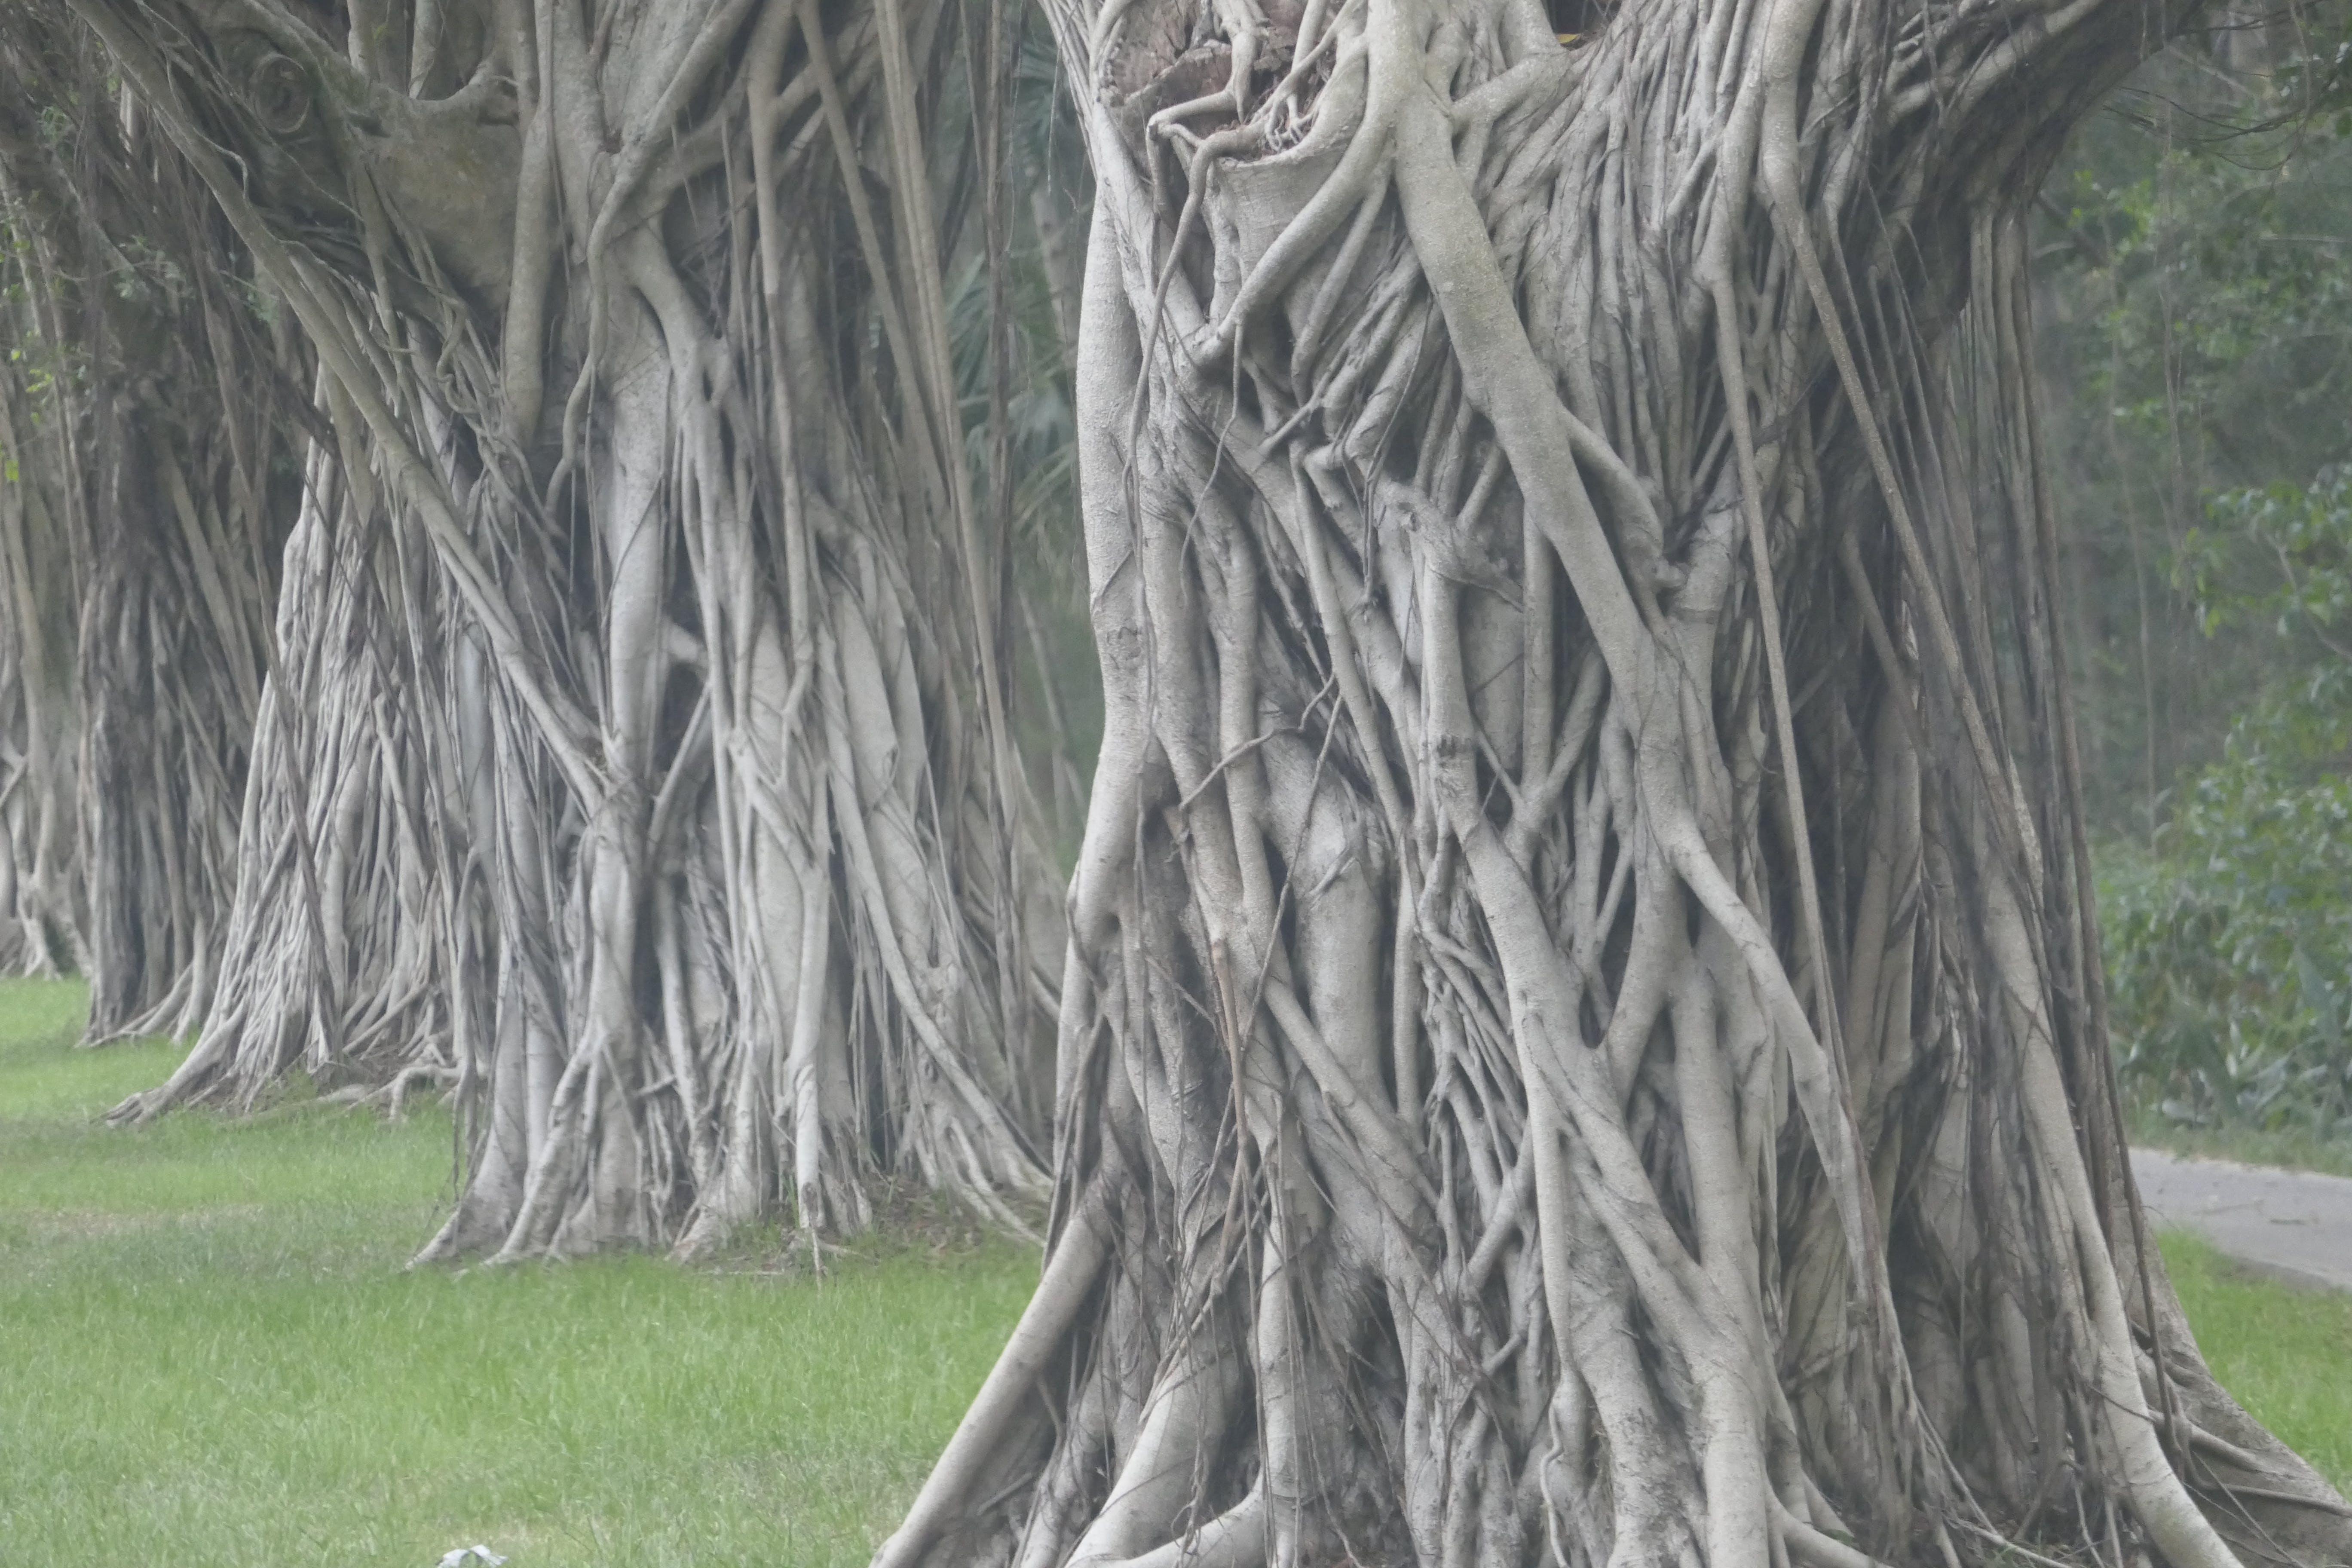 イチジクの木, バンヤン, フィカスの無料の写真素材